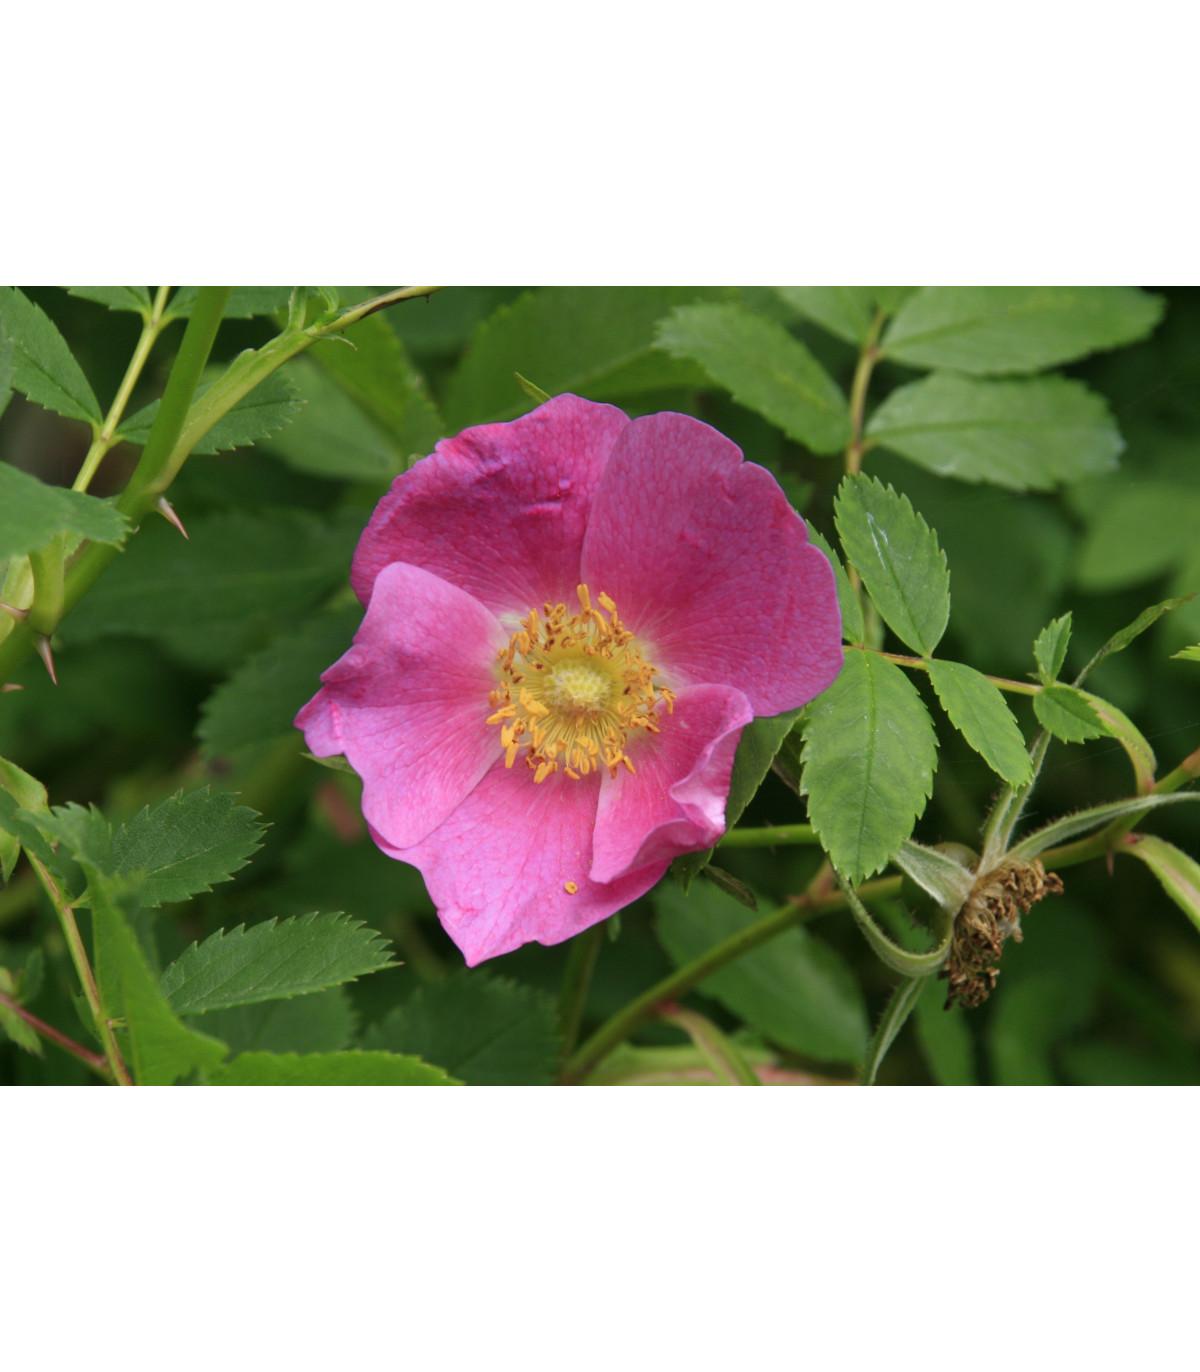 Ruža nutkanská - semená ruže - 5 ks - Rosa nutkana